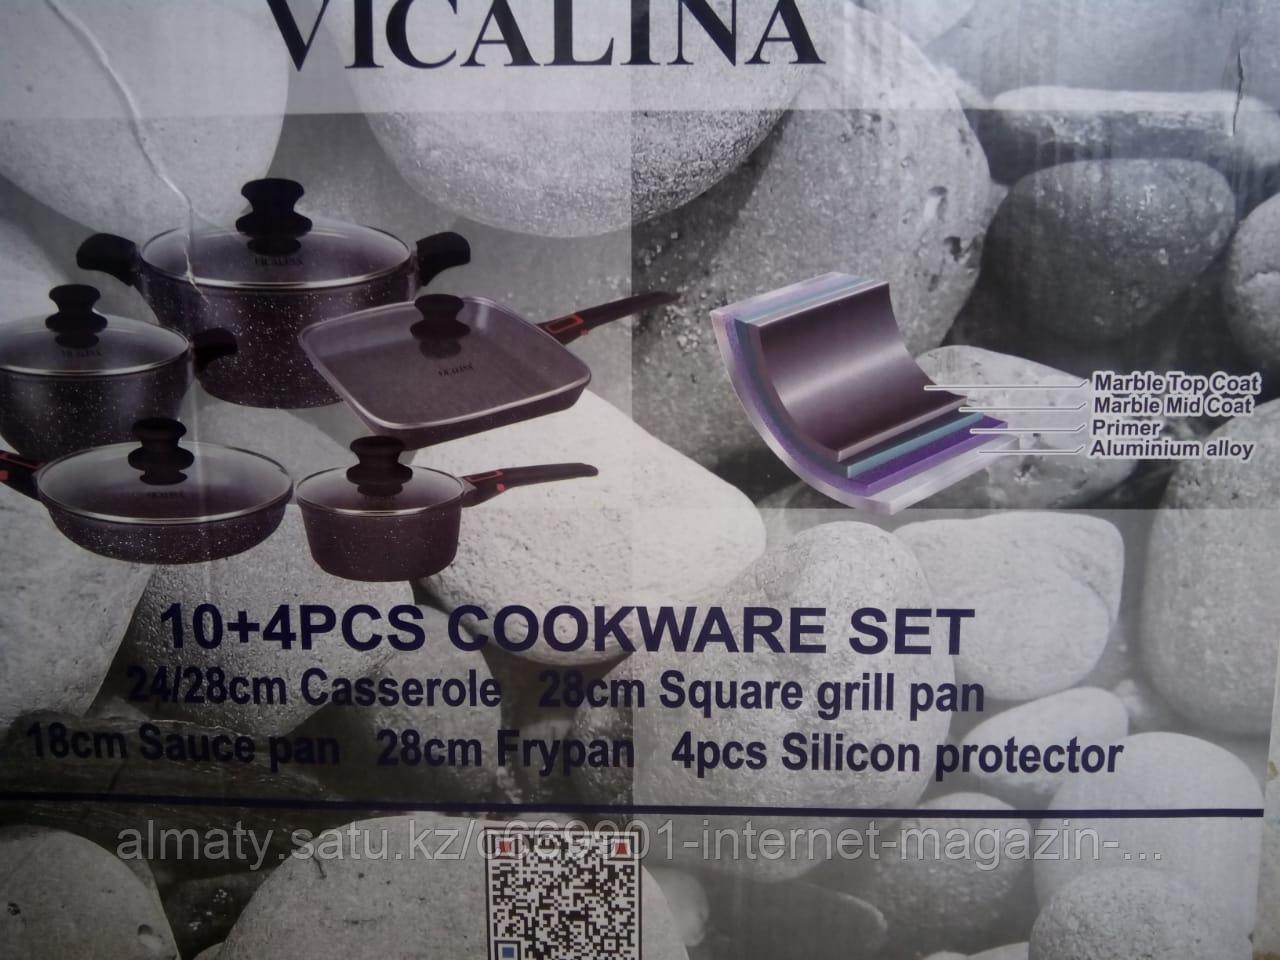 Набор посуды с каменным покрытием и съемными ручками Vicalina VL8801 - фото 3